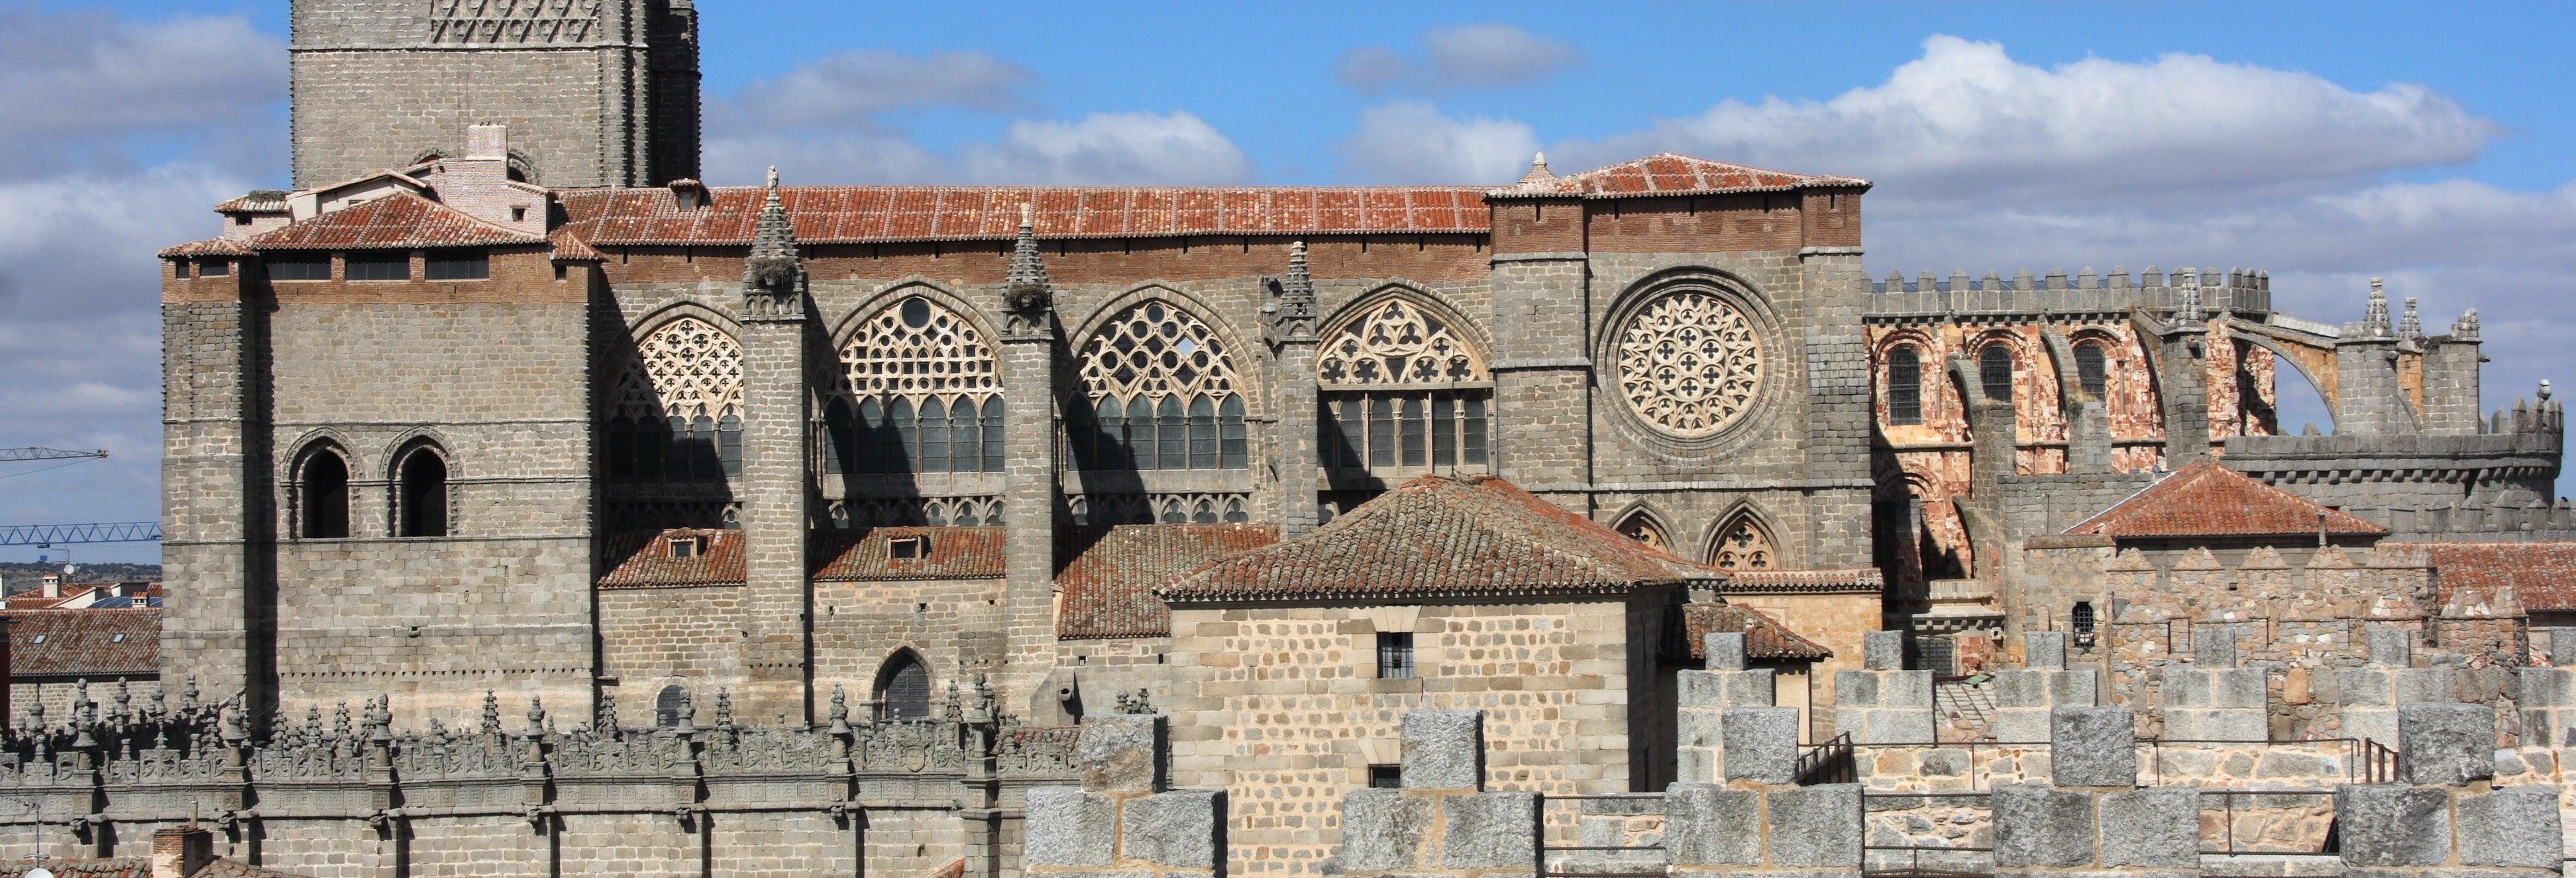 Tour pela Catedral de Ávila e Basílica de San Vicente